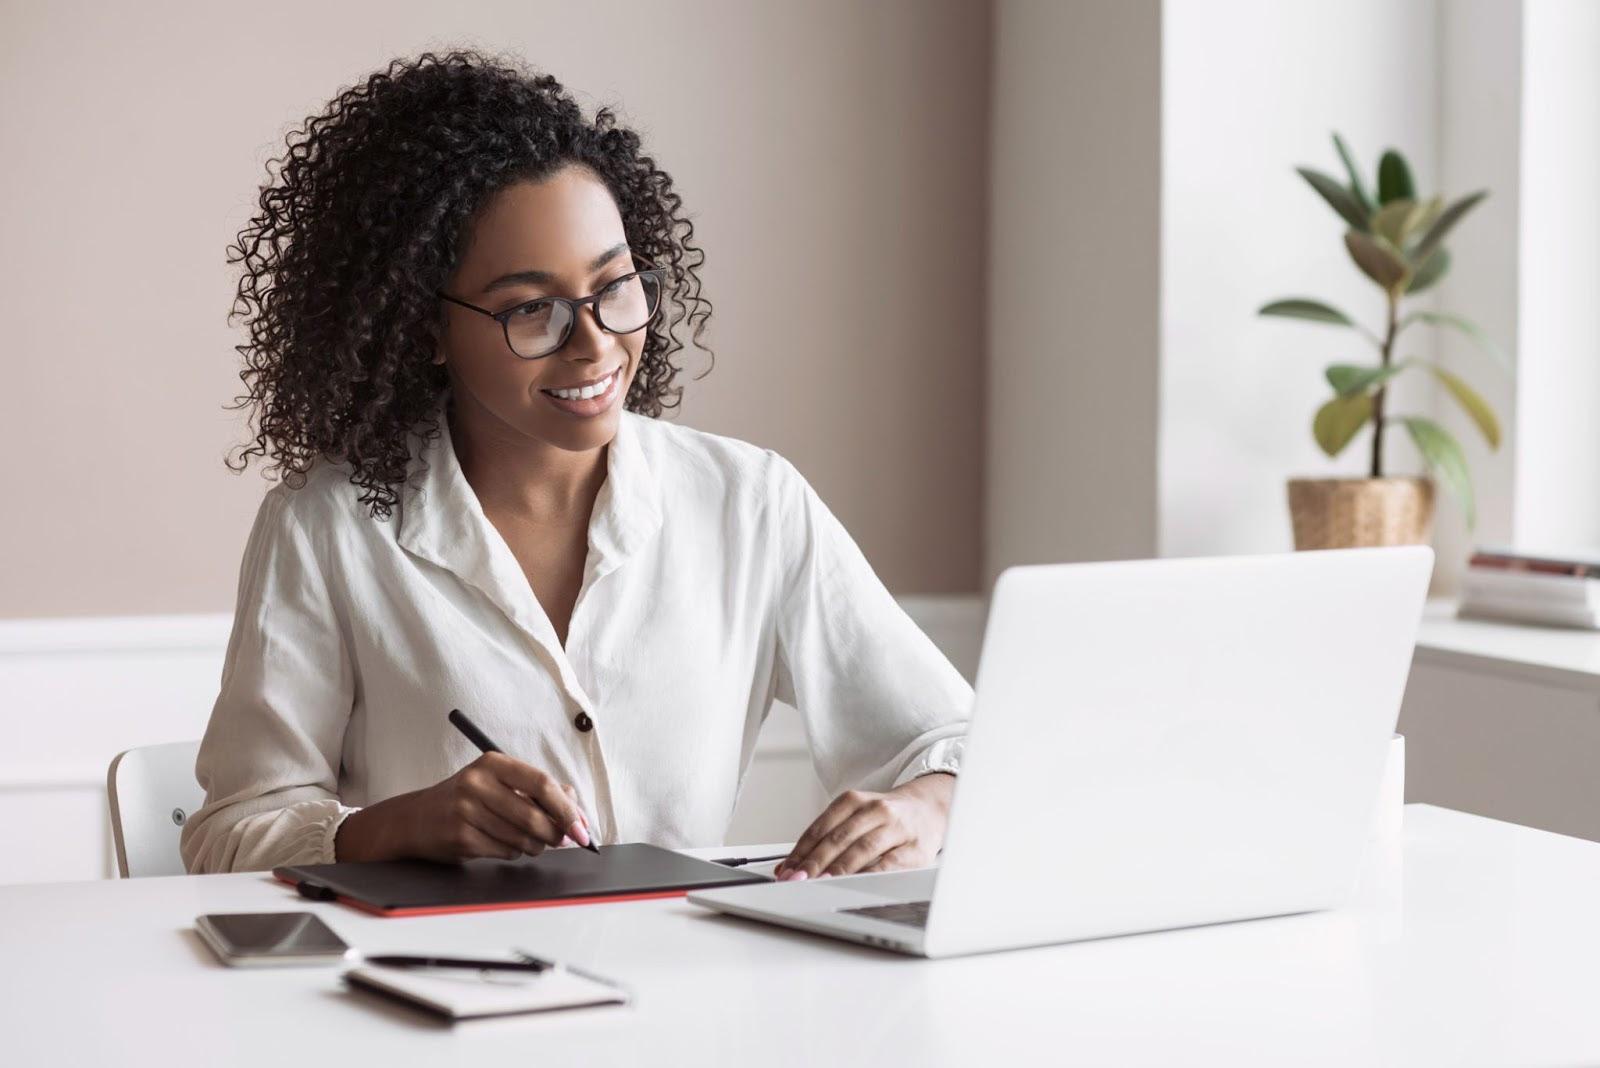 in-demand side hustle